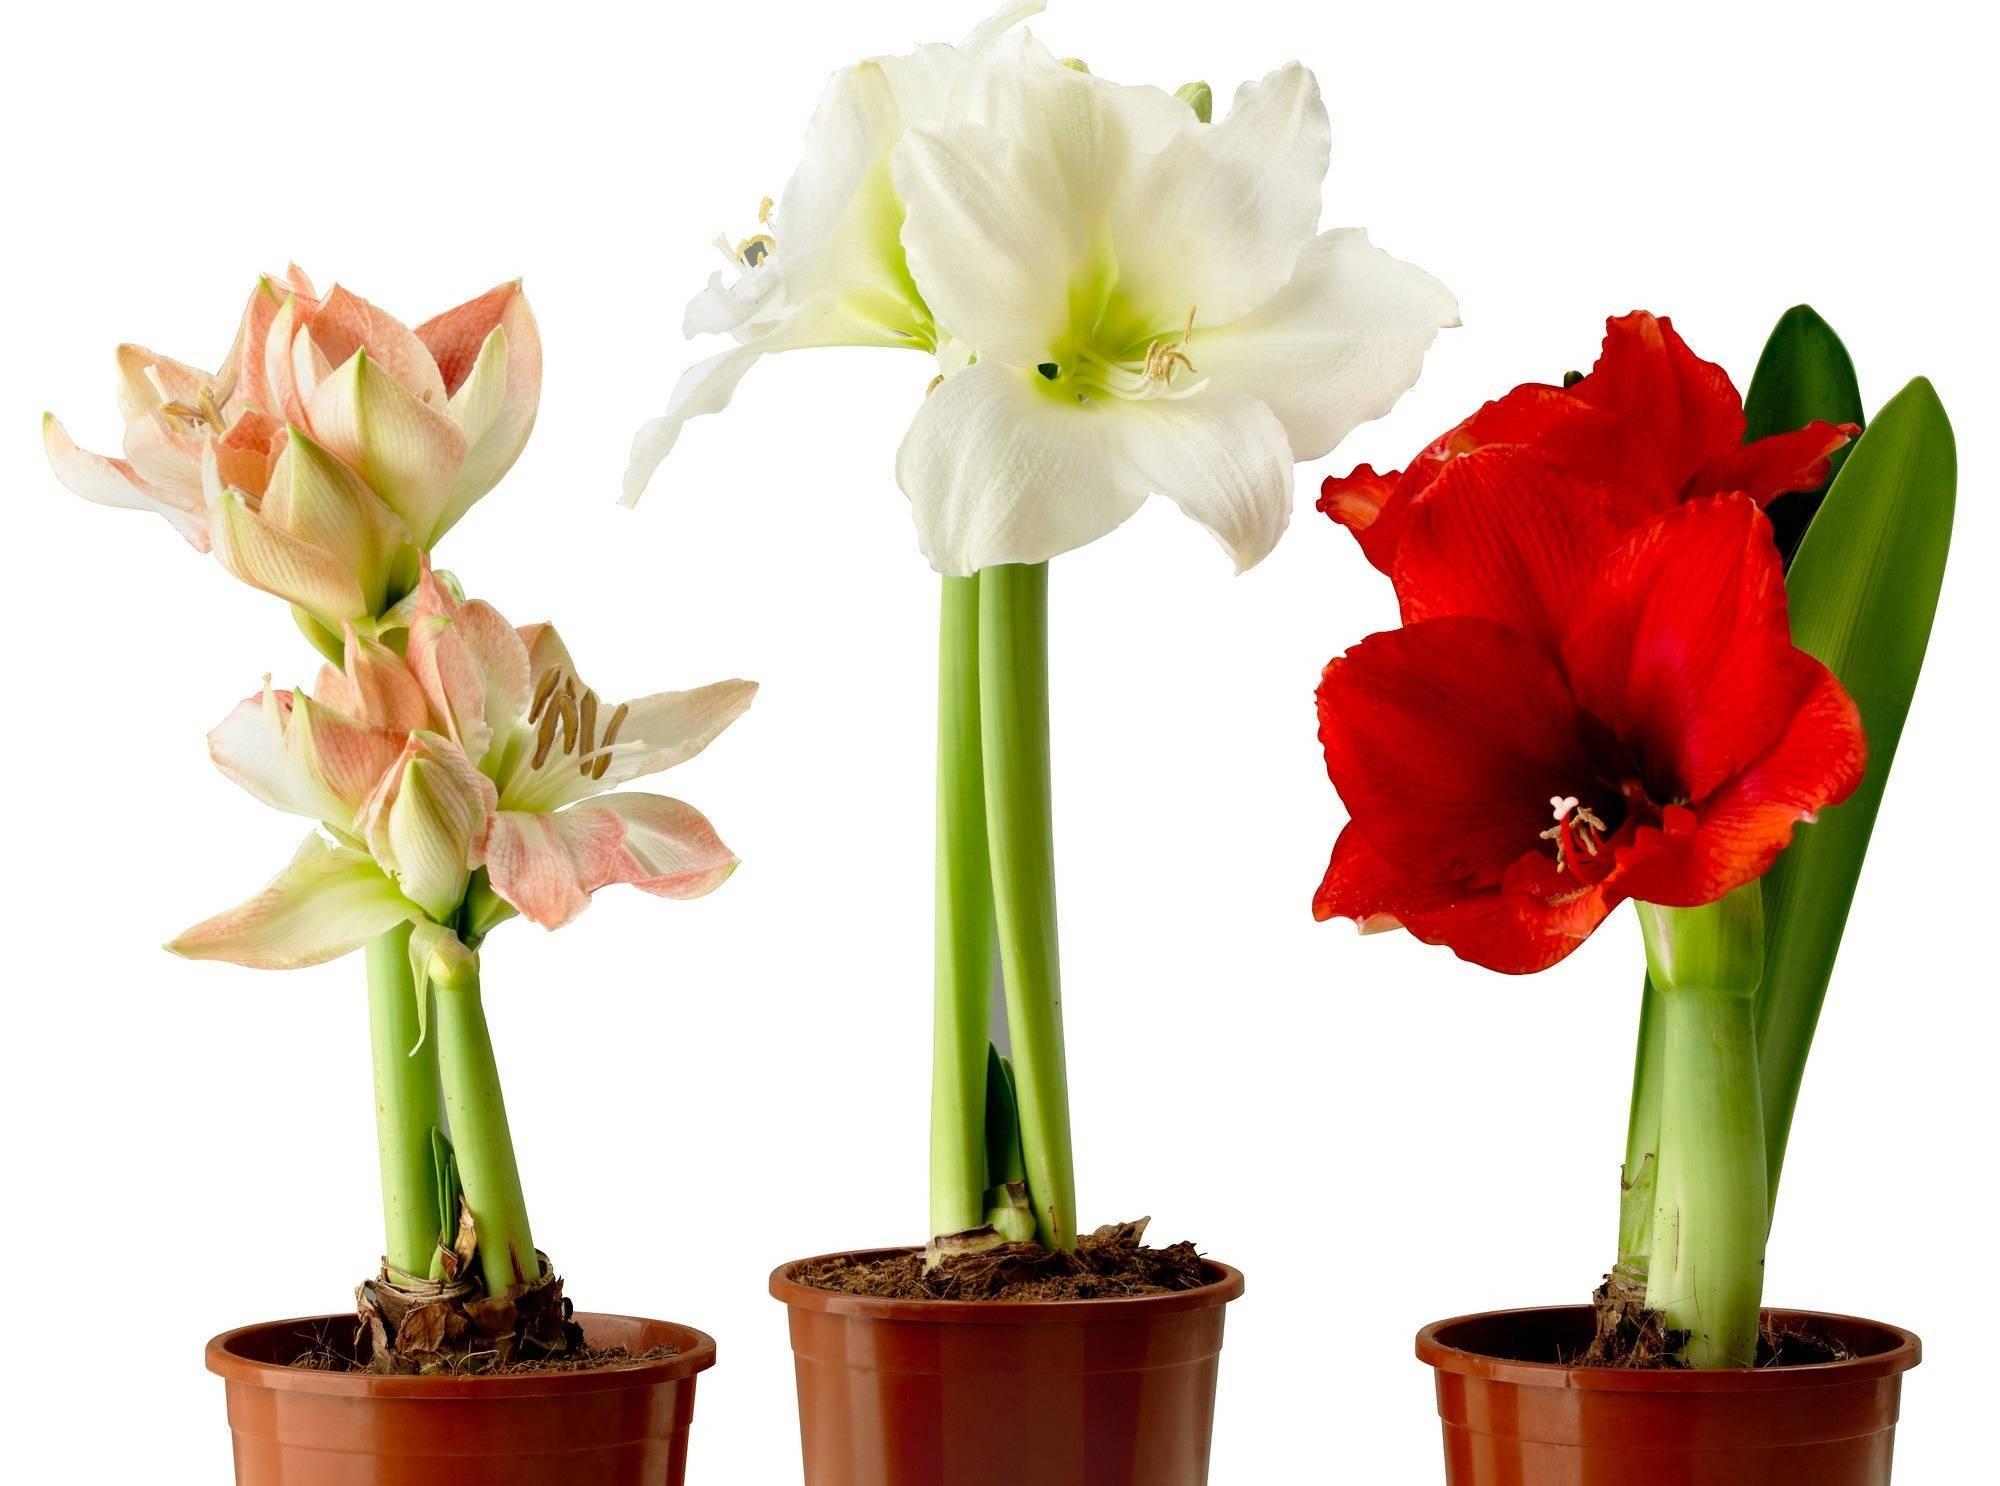 Амариллис и гиппеаструм: отличия, описание и фото, а также как верно определить растение и в чем заключается уход в домашних условиях?